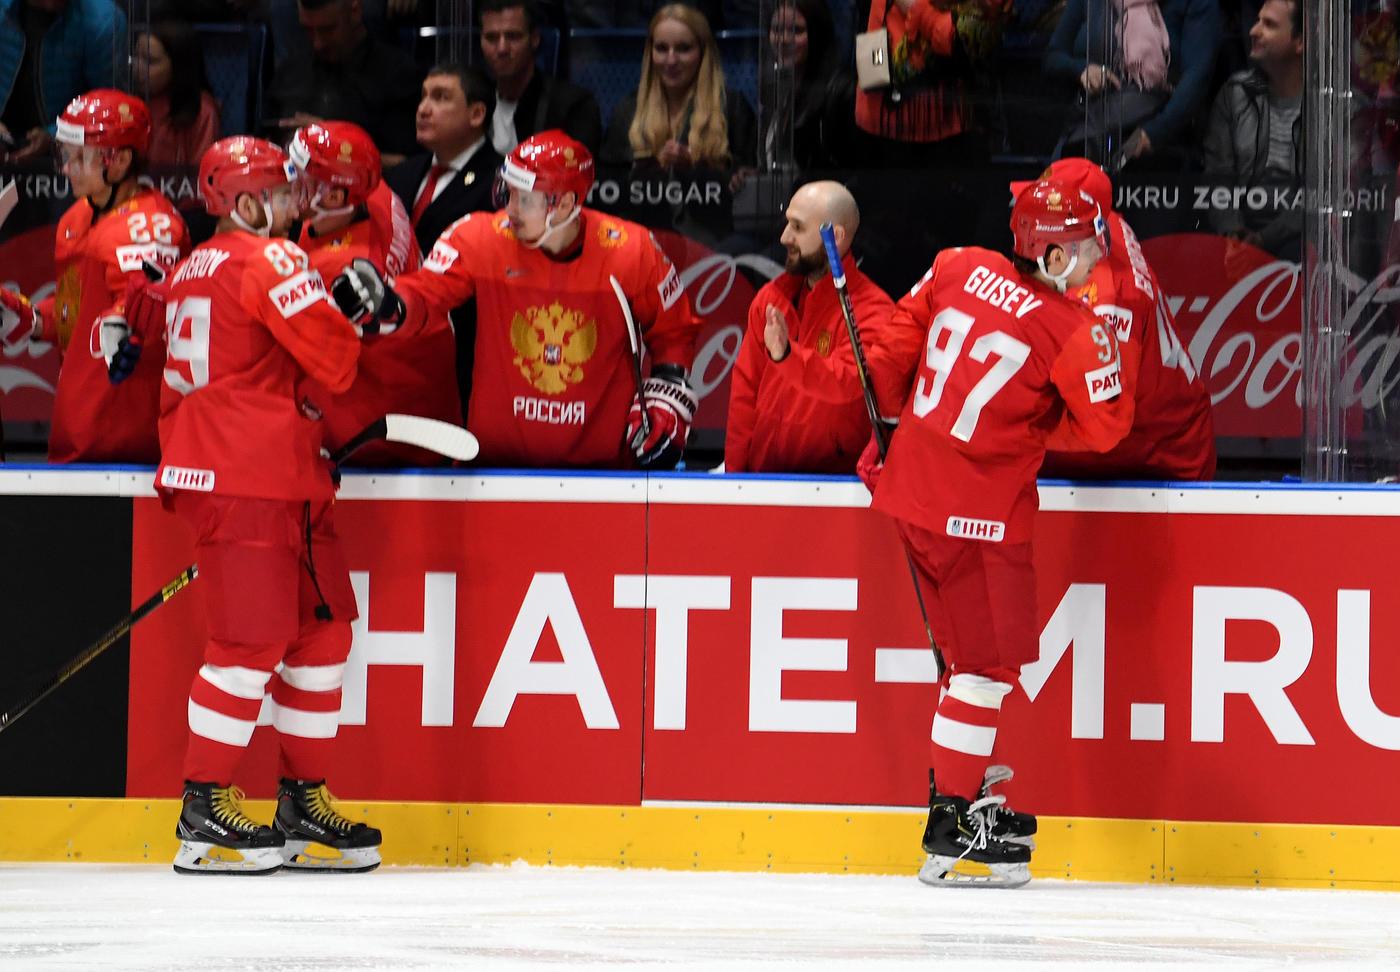 Никита Гусев: У сборной России классная поддержка на чемпионате мира. Но не как в Питере - фото